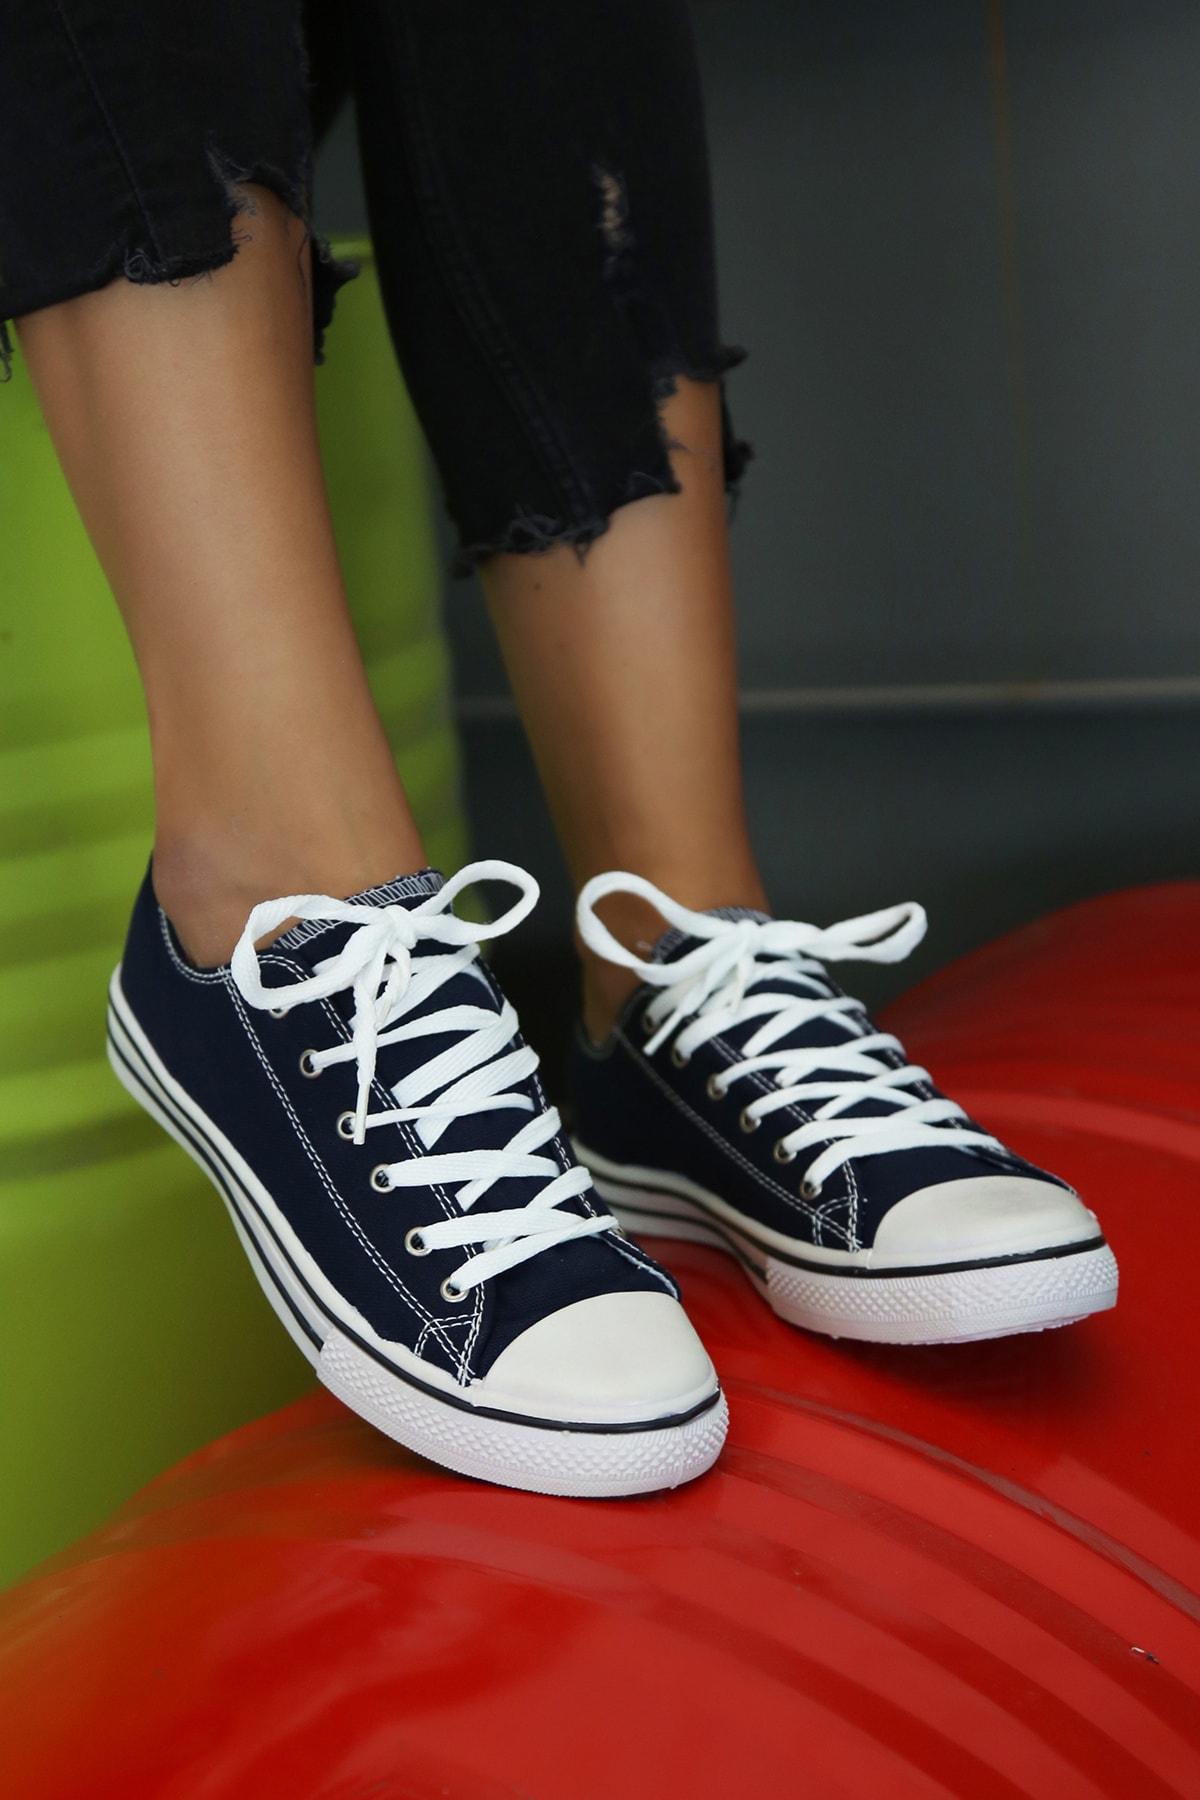 Ayakkabı Modası Kadın Lacivert Ayakkabı M9999-19-100165R 1